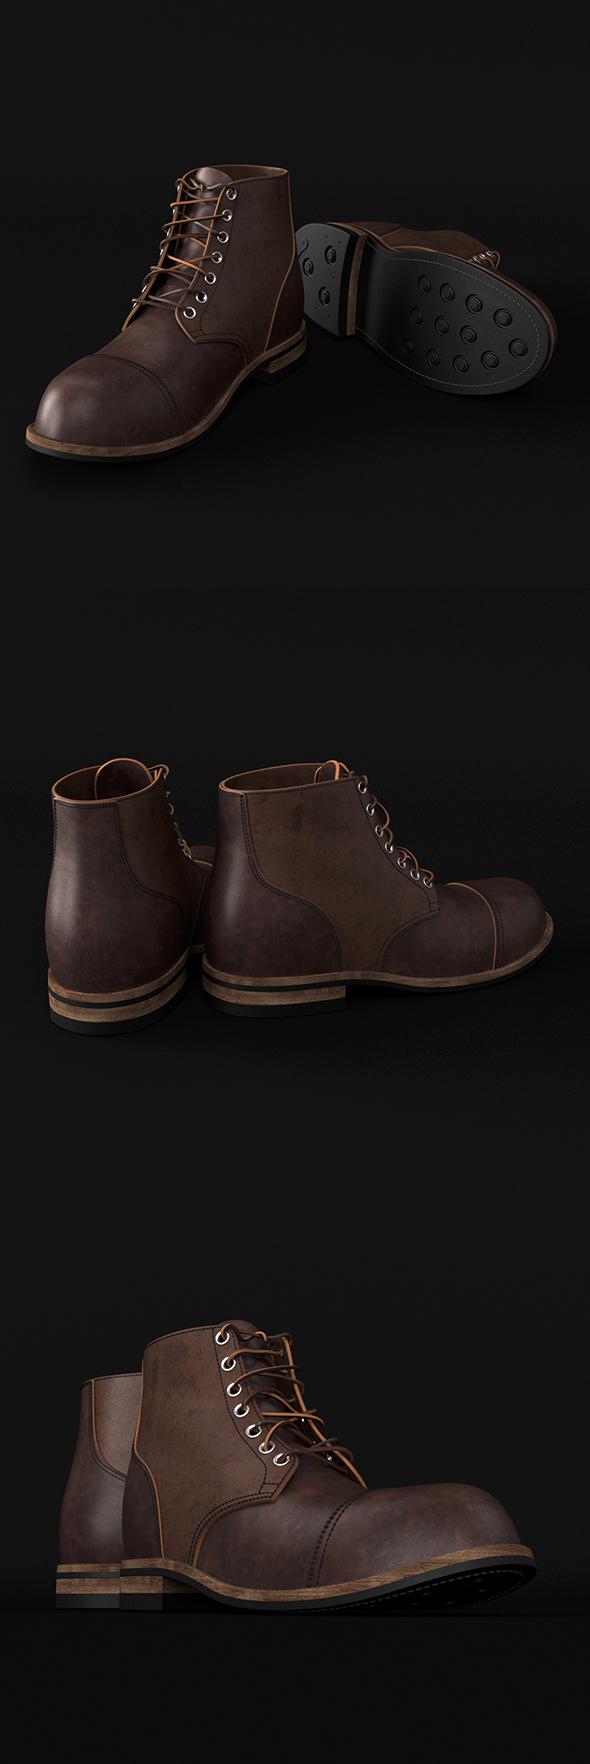 Footwear - 3DOcean Item for Sale